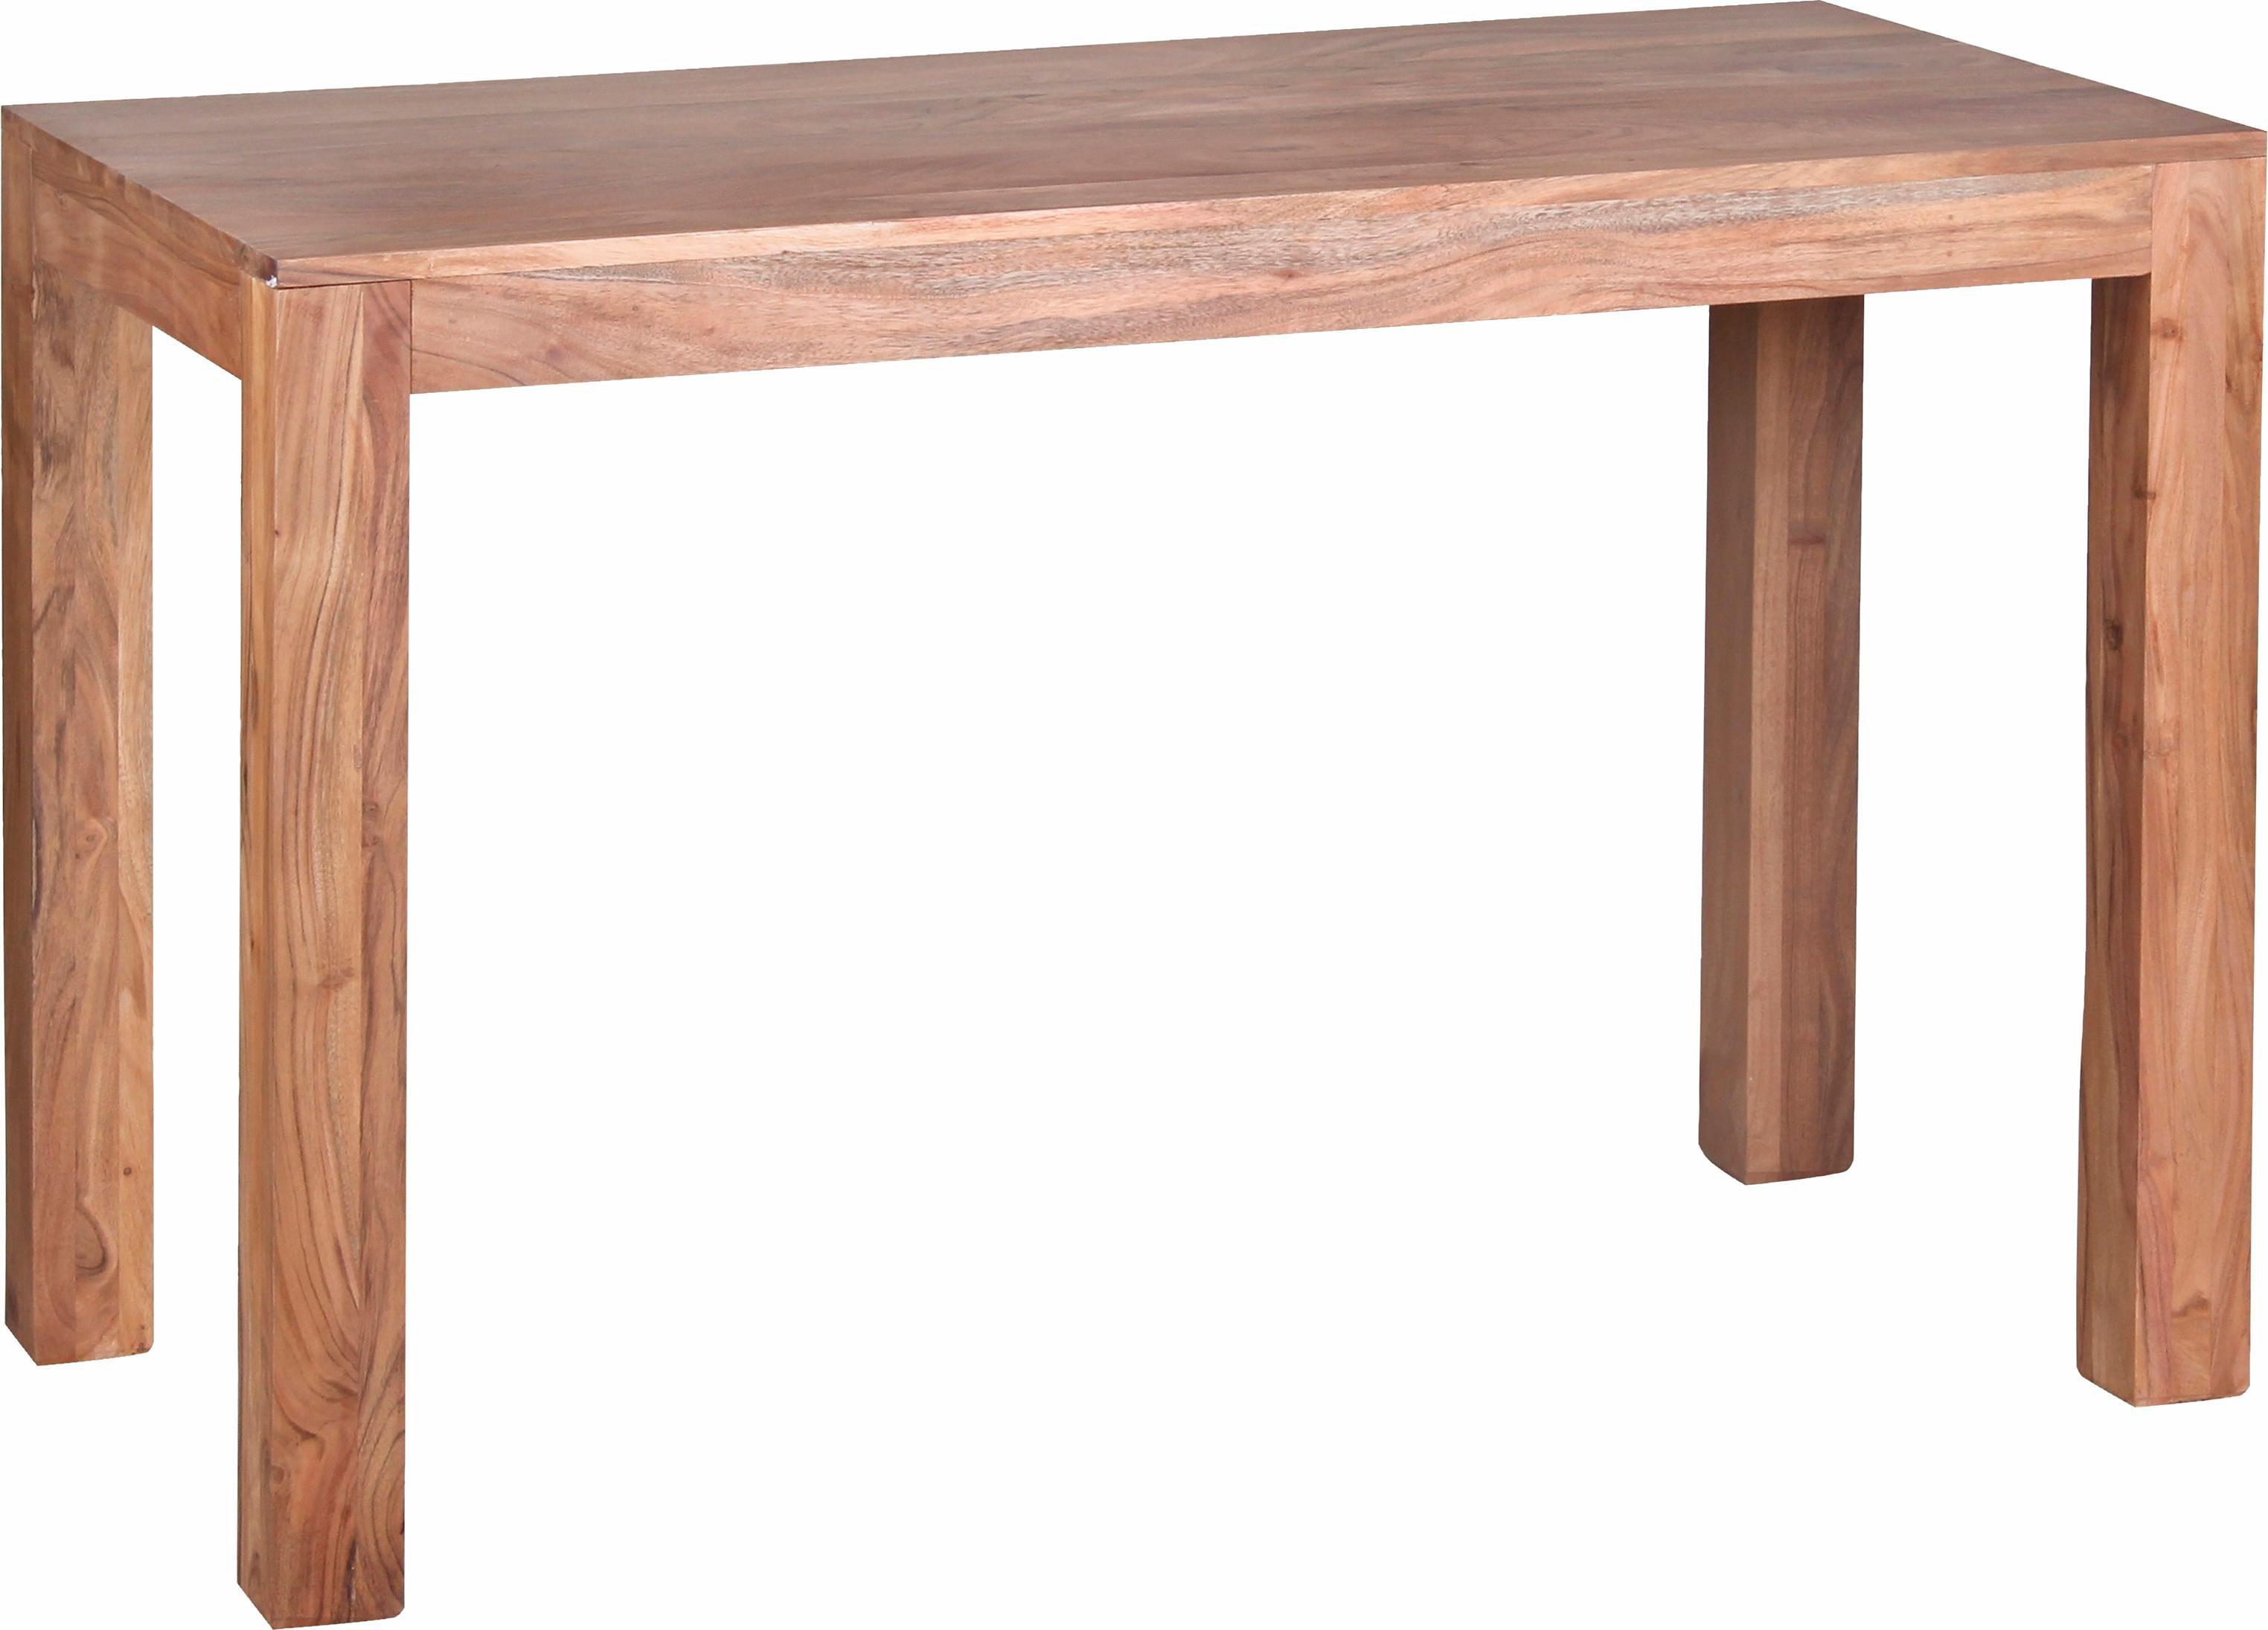 Home affaire Esstisch »Chandan« 120 cm breit, aus massivem Akazienholz